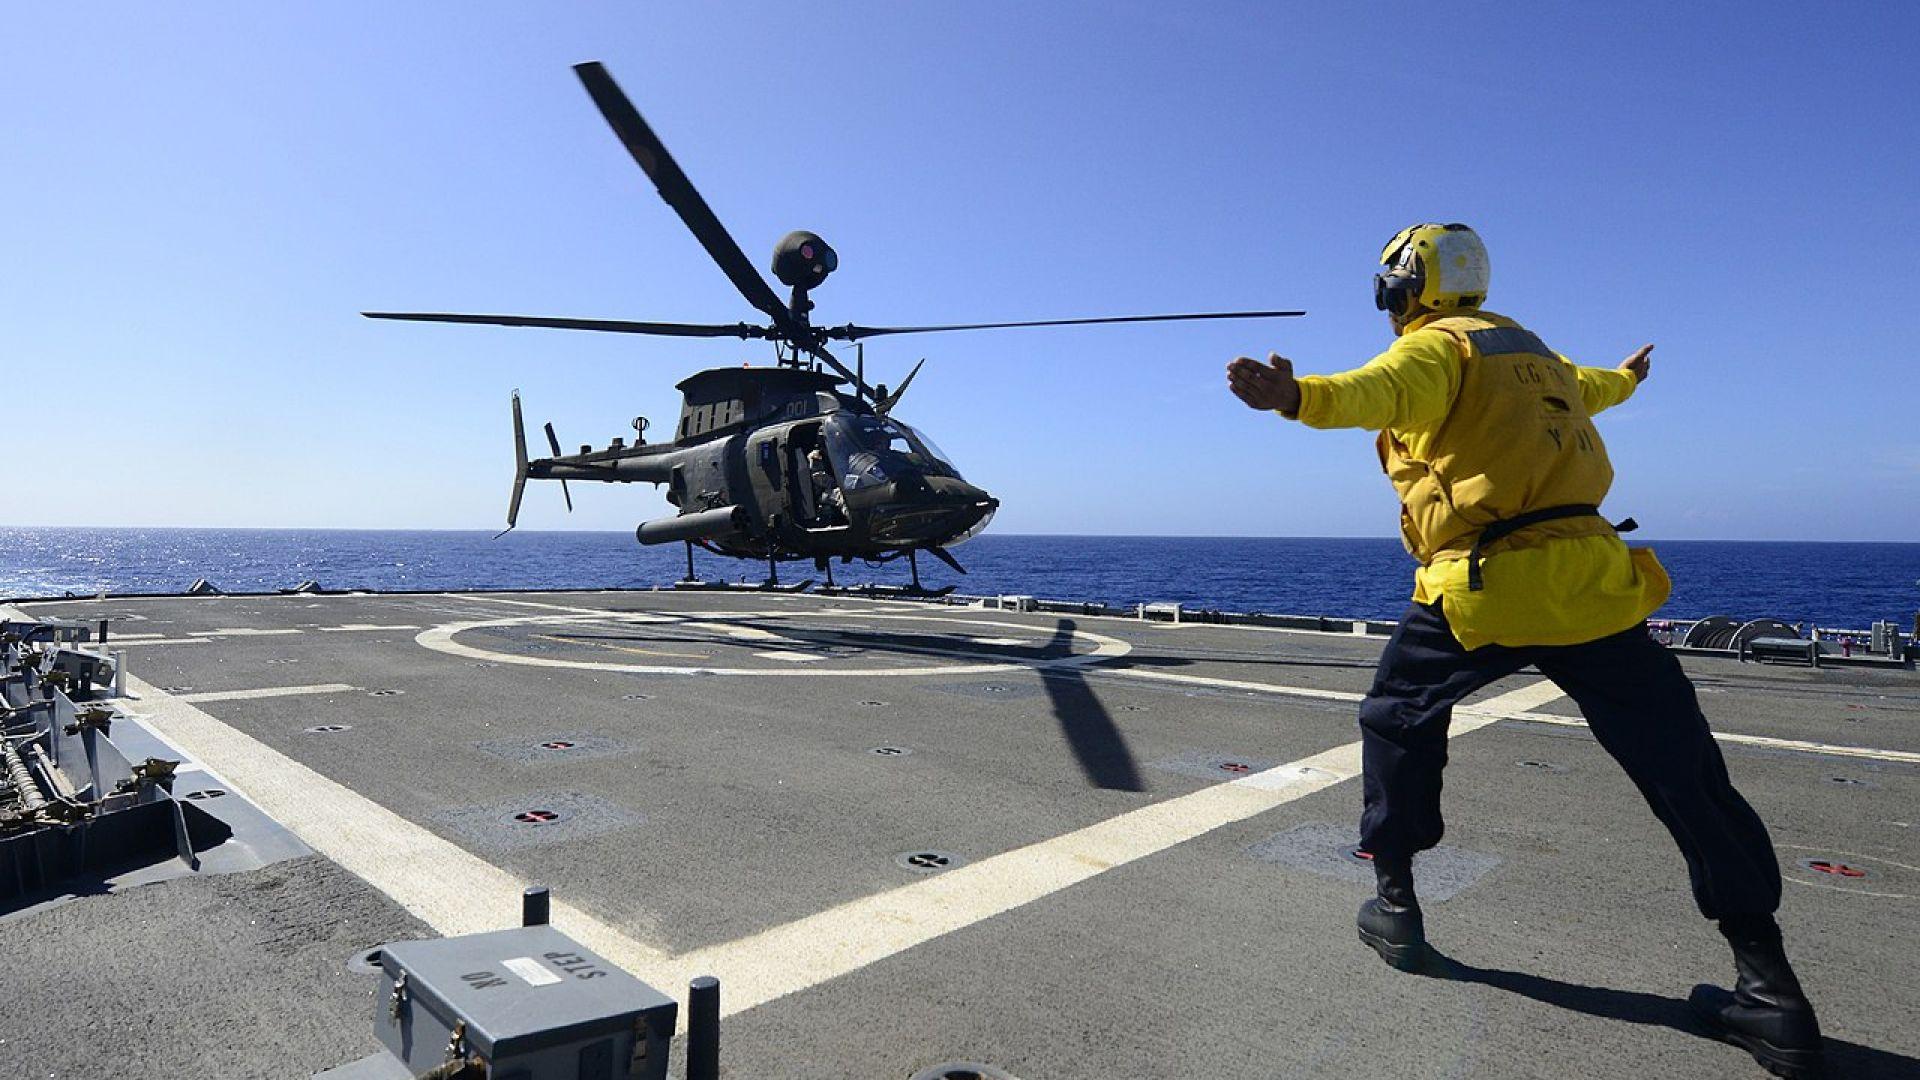 САЩ подари 70 бойни хеликоптера на Гърция